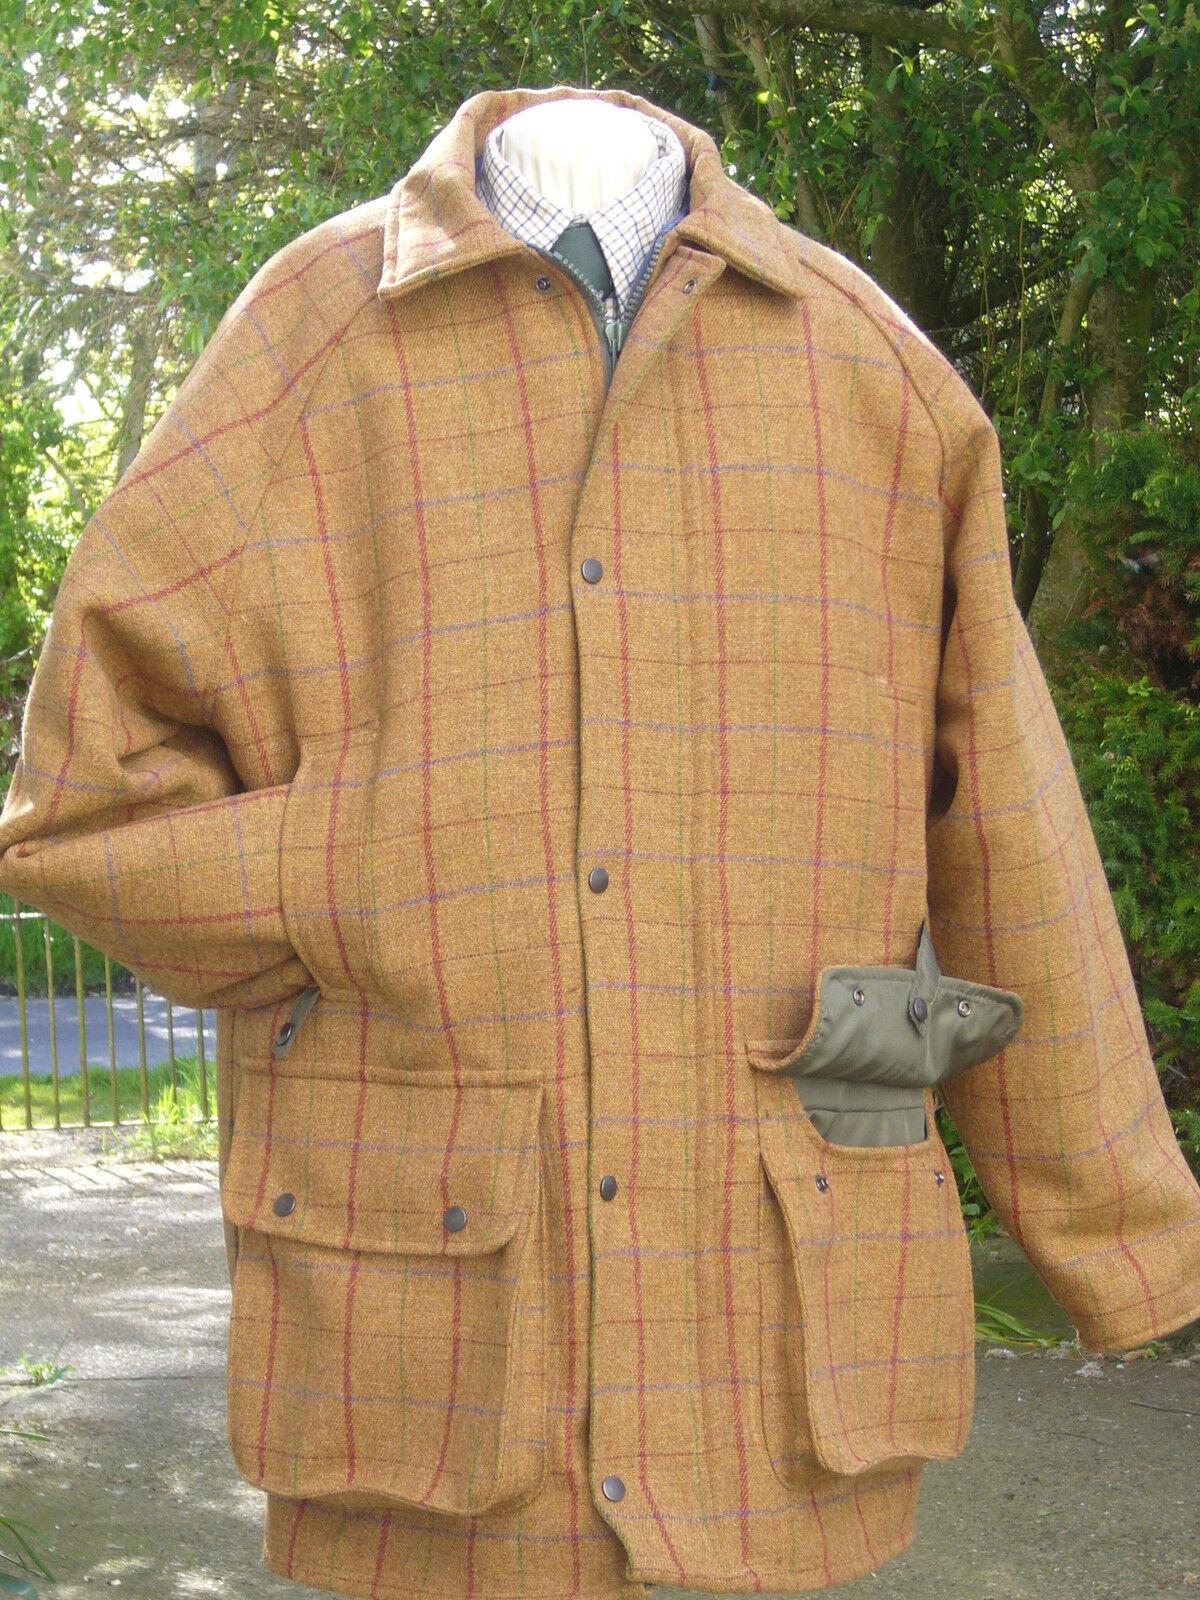 Nuevo Abrigo Abrigo Abrigo De Lana Tweed Tiro Caza Impermeable Chaqueta 5d8be1